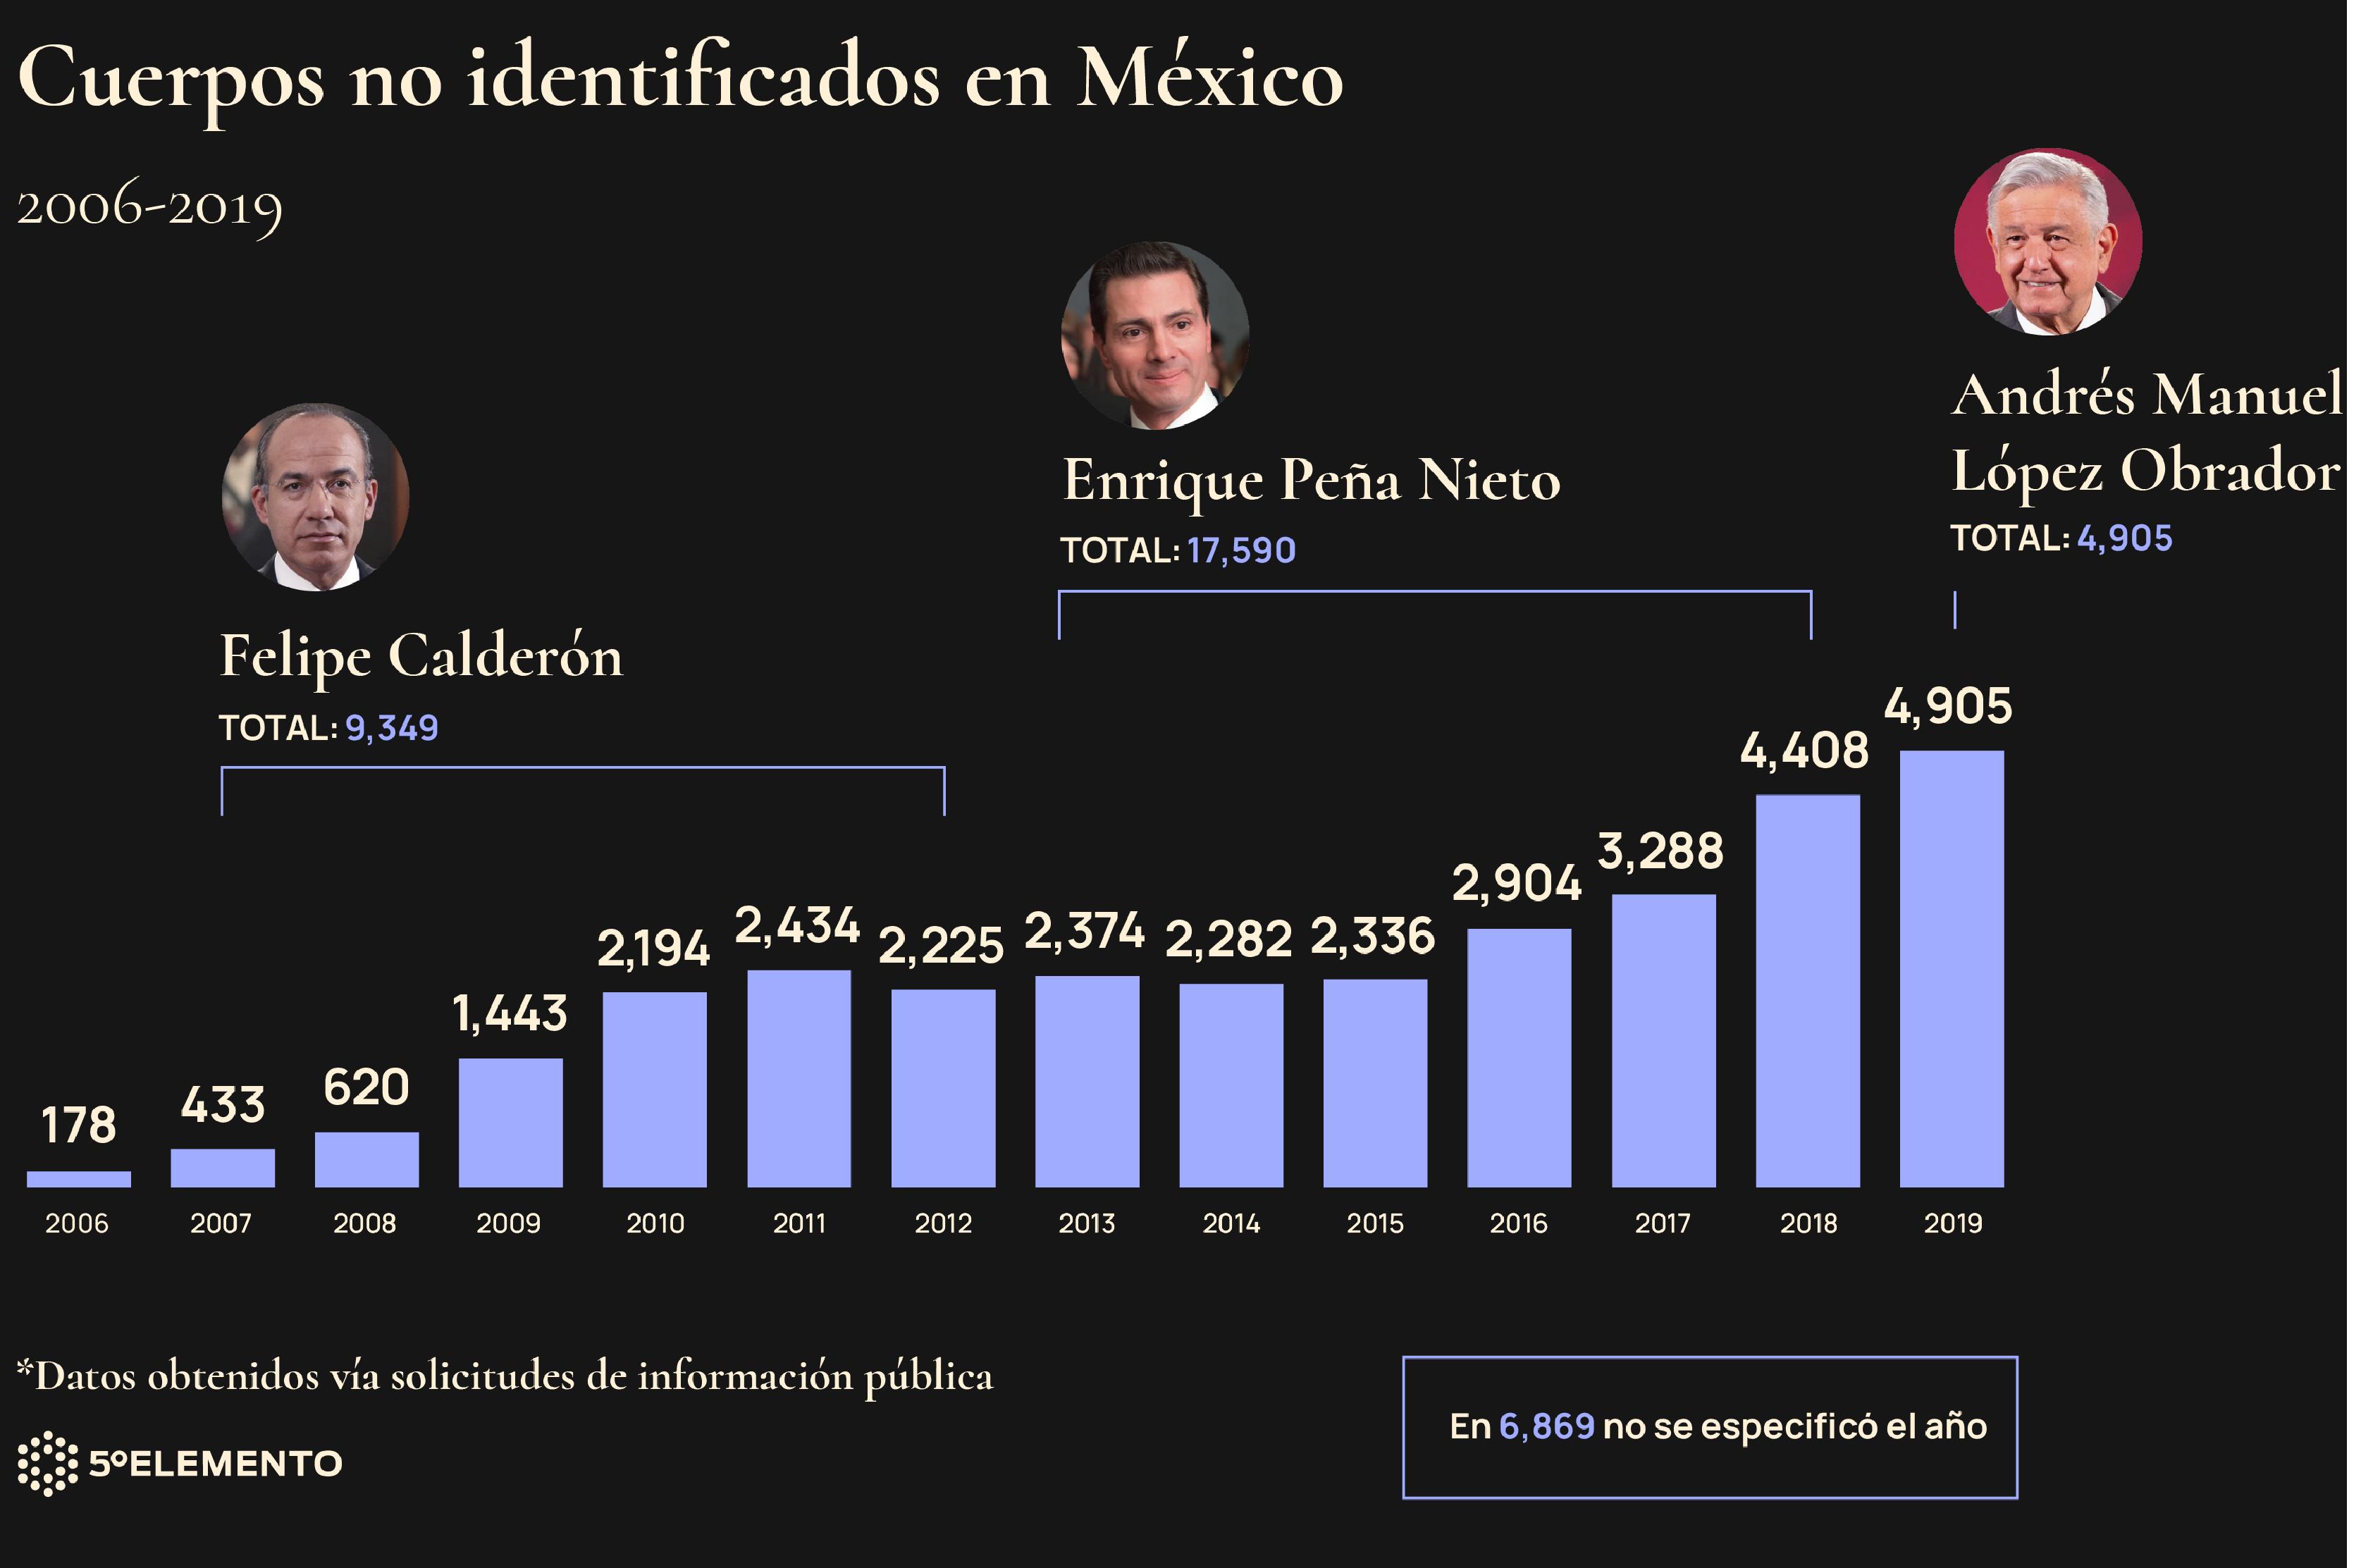 Cuerpos no identificados en México. Gráfico: Omar Bobadilla.